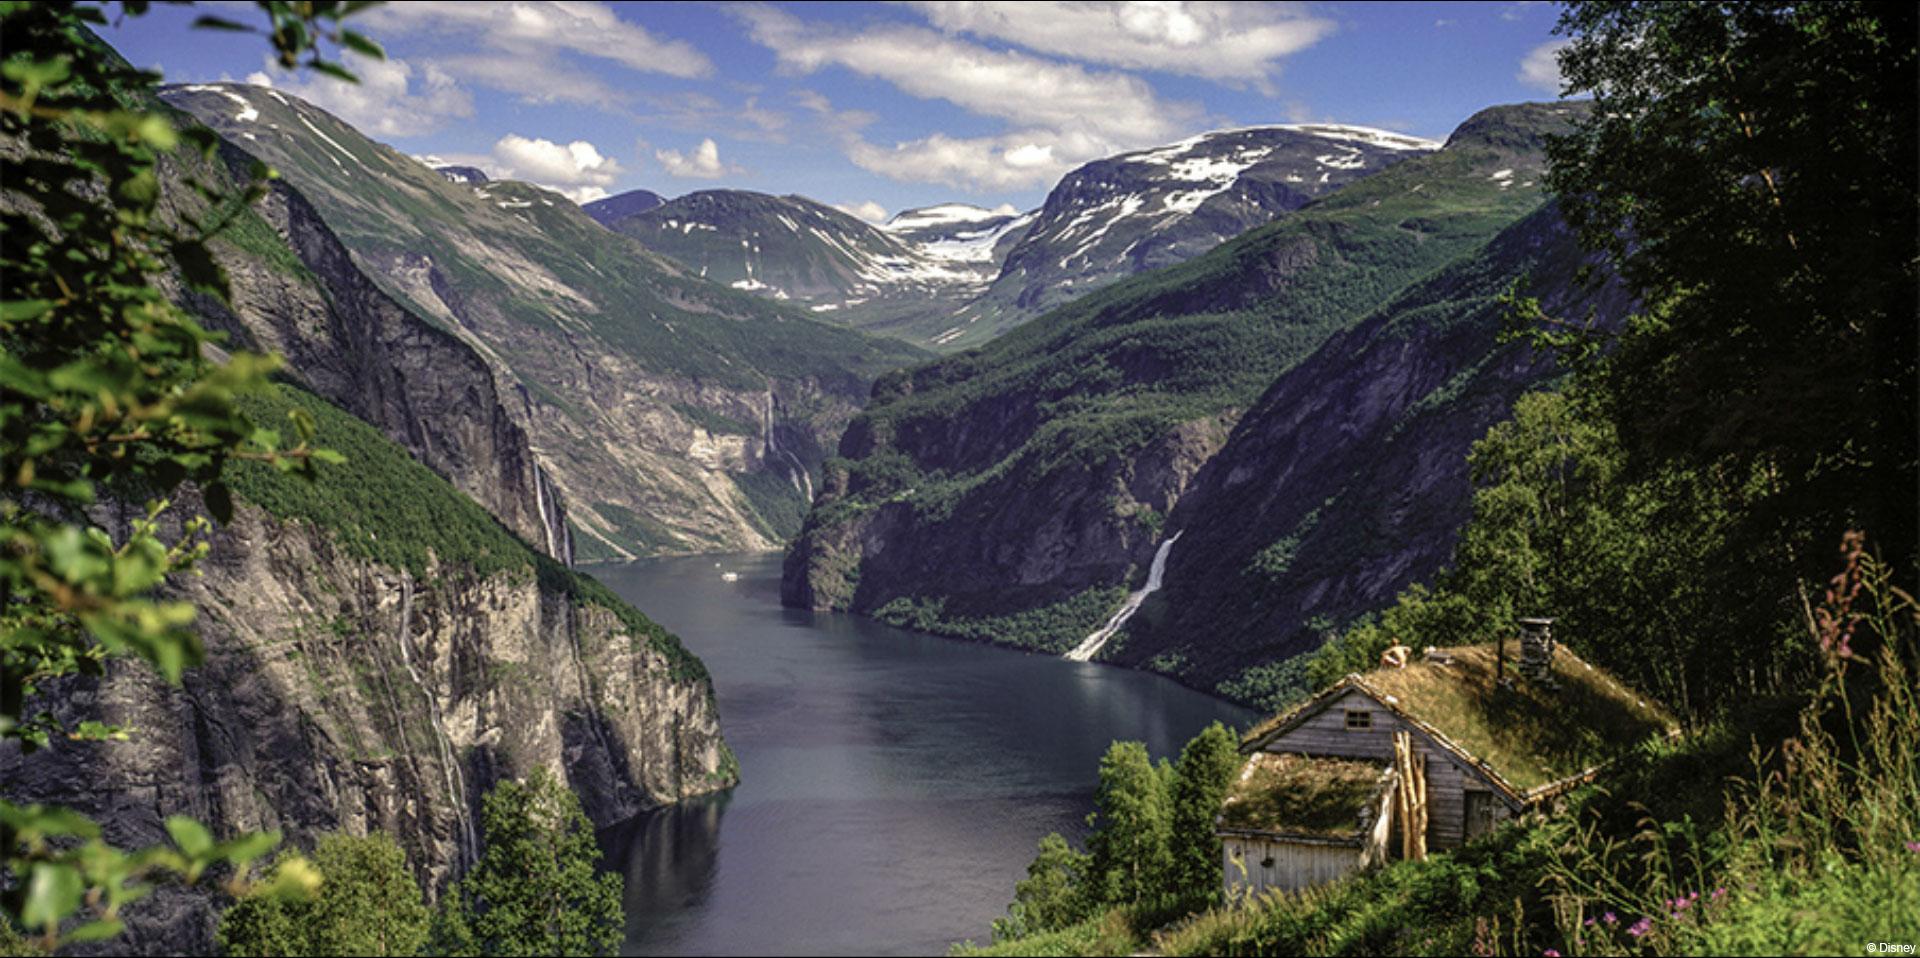 DCL Port Adventures Geiranger Norway